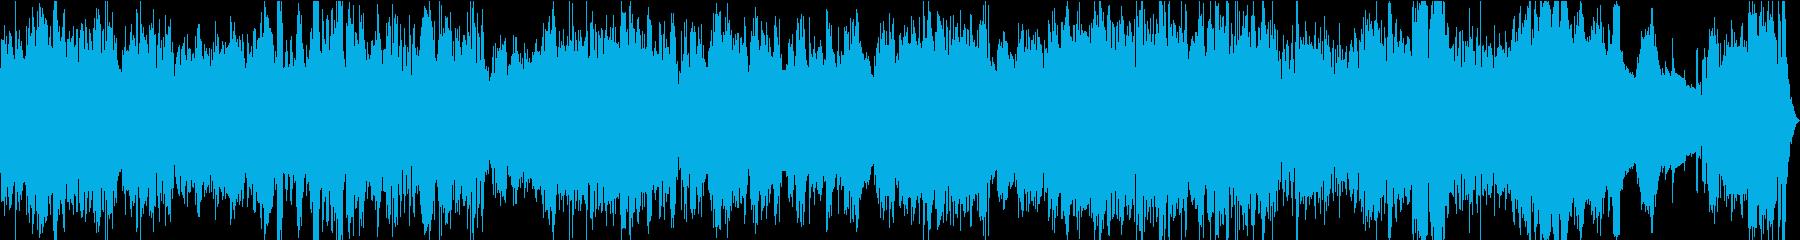 月光 第3楽章/ベートーベン・エレピの再生済みの波形